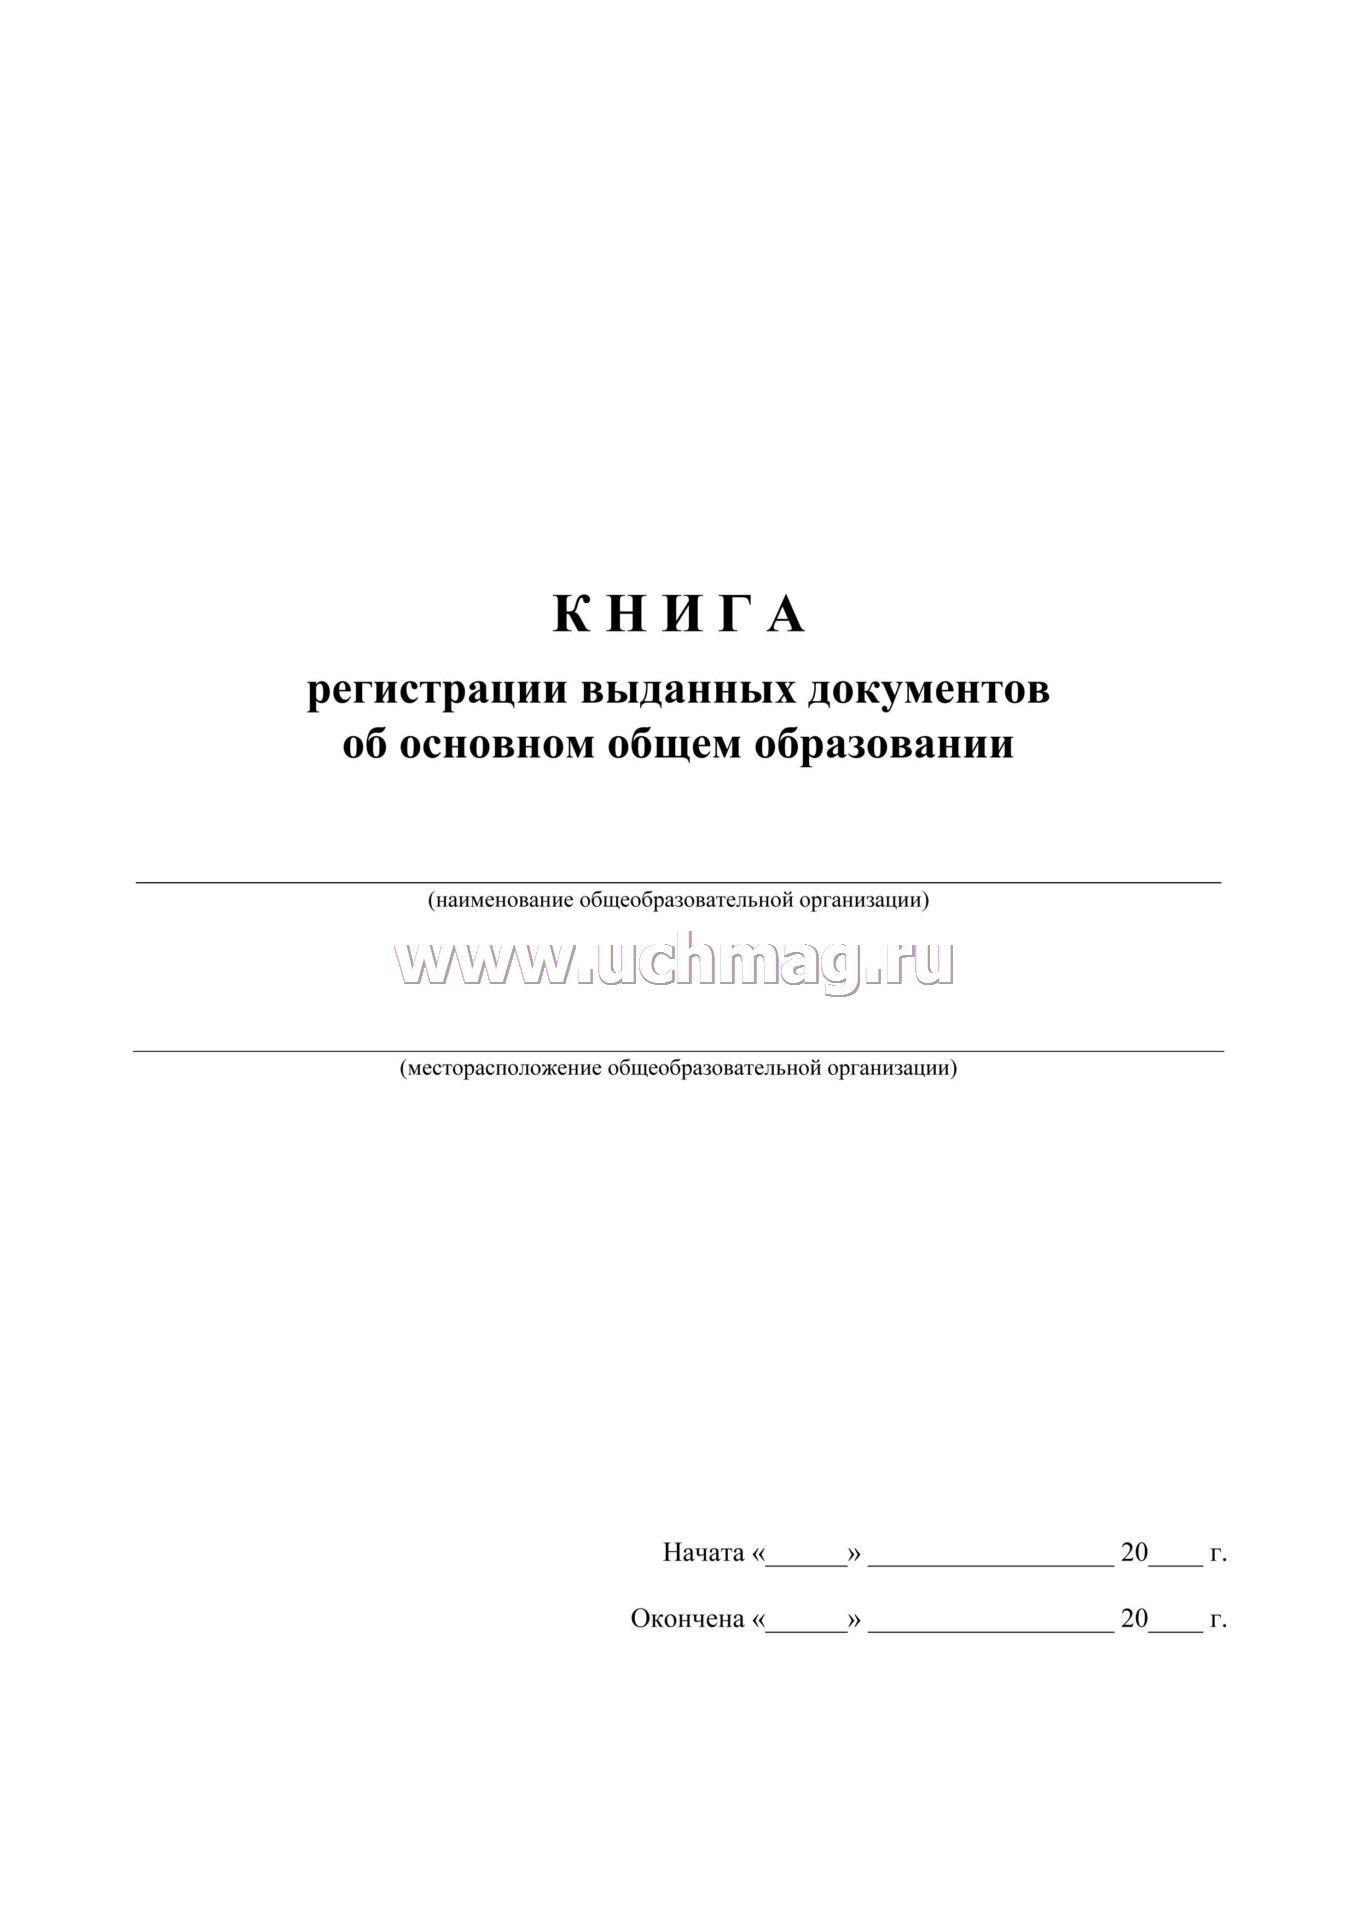 Книга регистрации выданных документов об образовании скачать